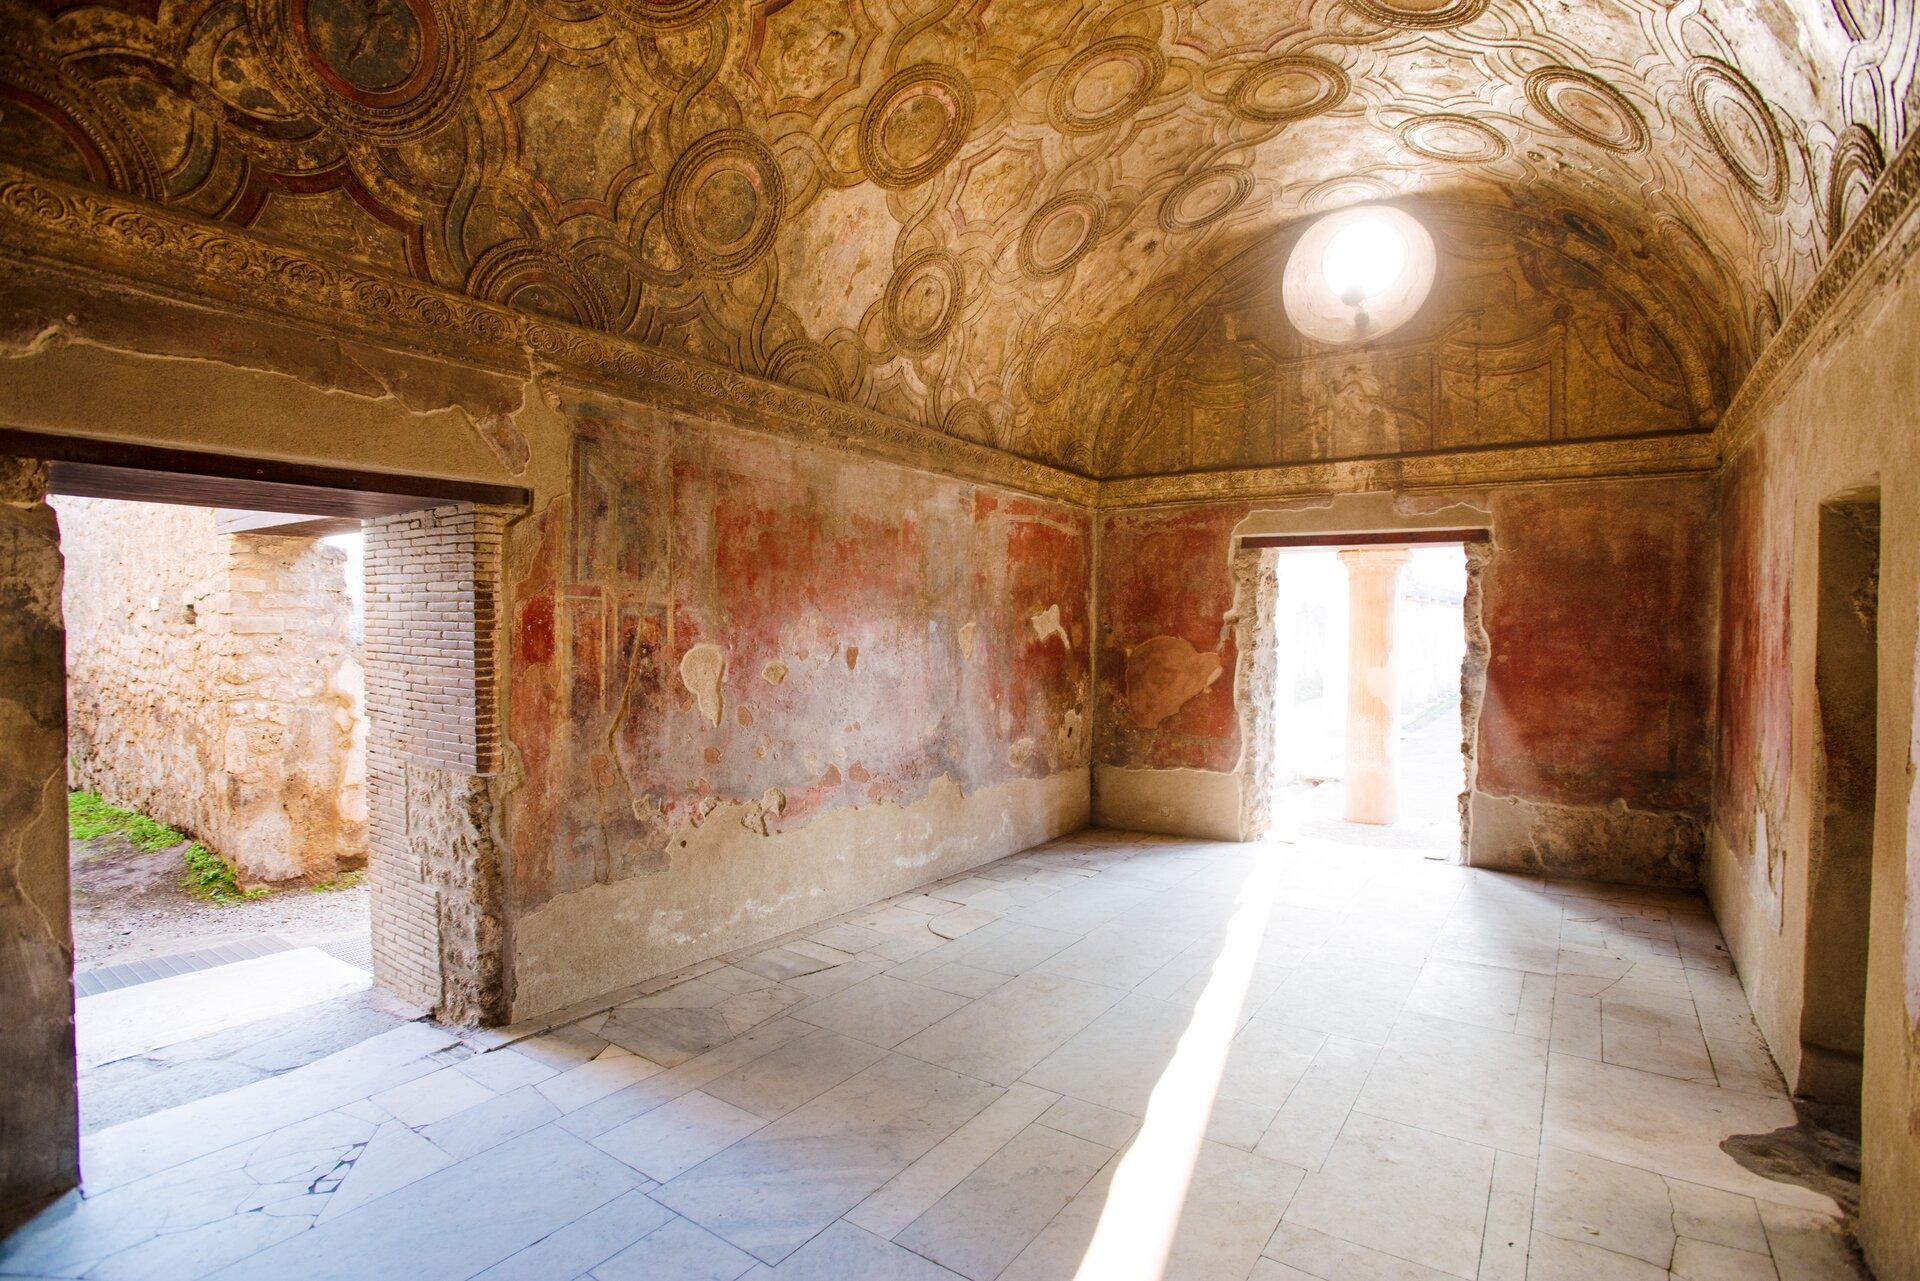 Kolorowa ilustracja przedstawia aktualny stan Łaźni Stabiana wPompejach. Na fotografii ukazano wnętrze pomieszczenia. Jest obszerne; ma trzy otwory wejściowe iłukowate sklepienie. Ściany isufit są bogato zdobione mozaiką. Podłoga wyłożona jest kamienną posadzką.